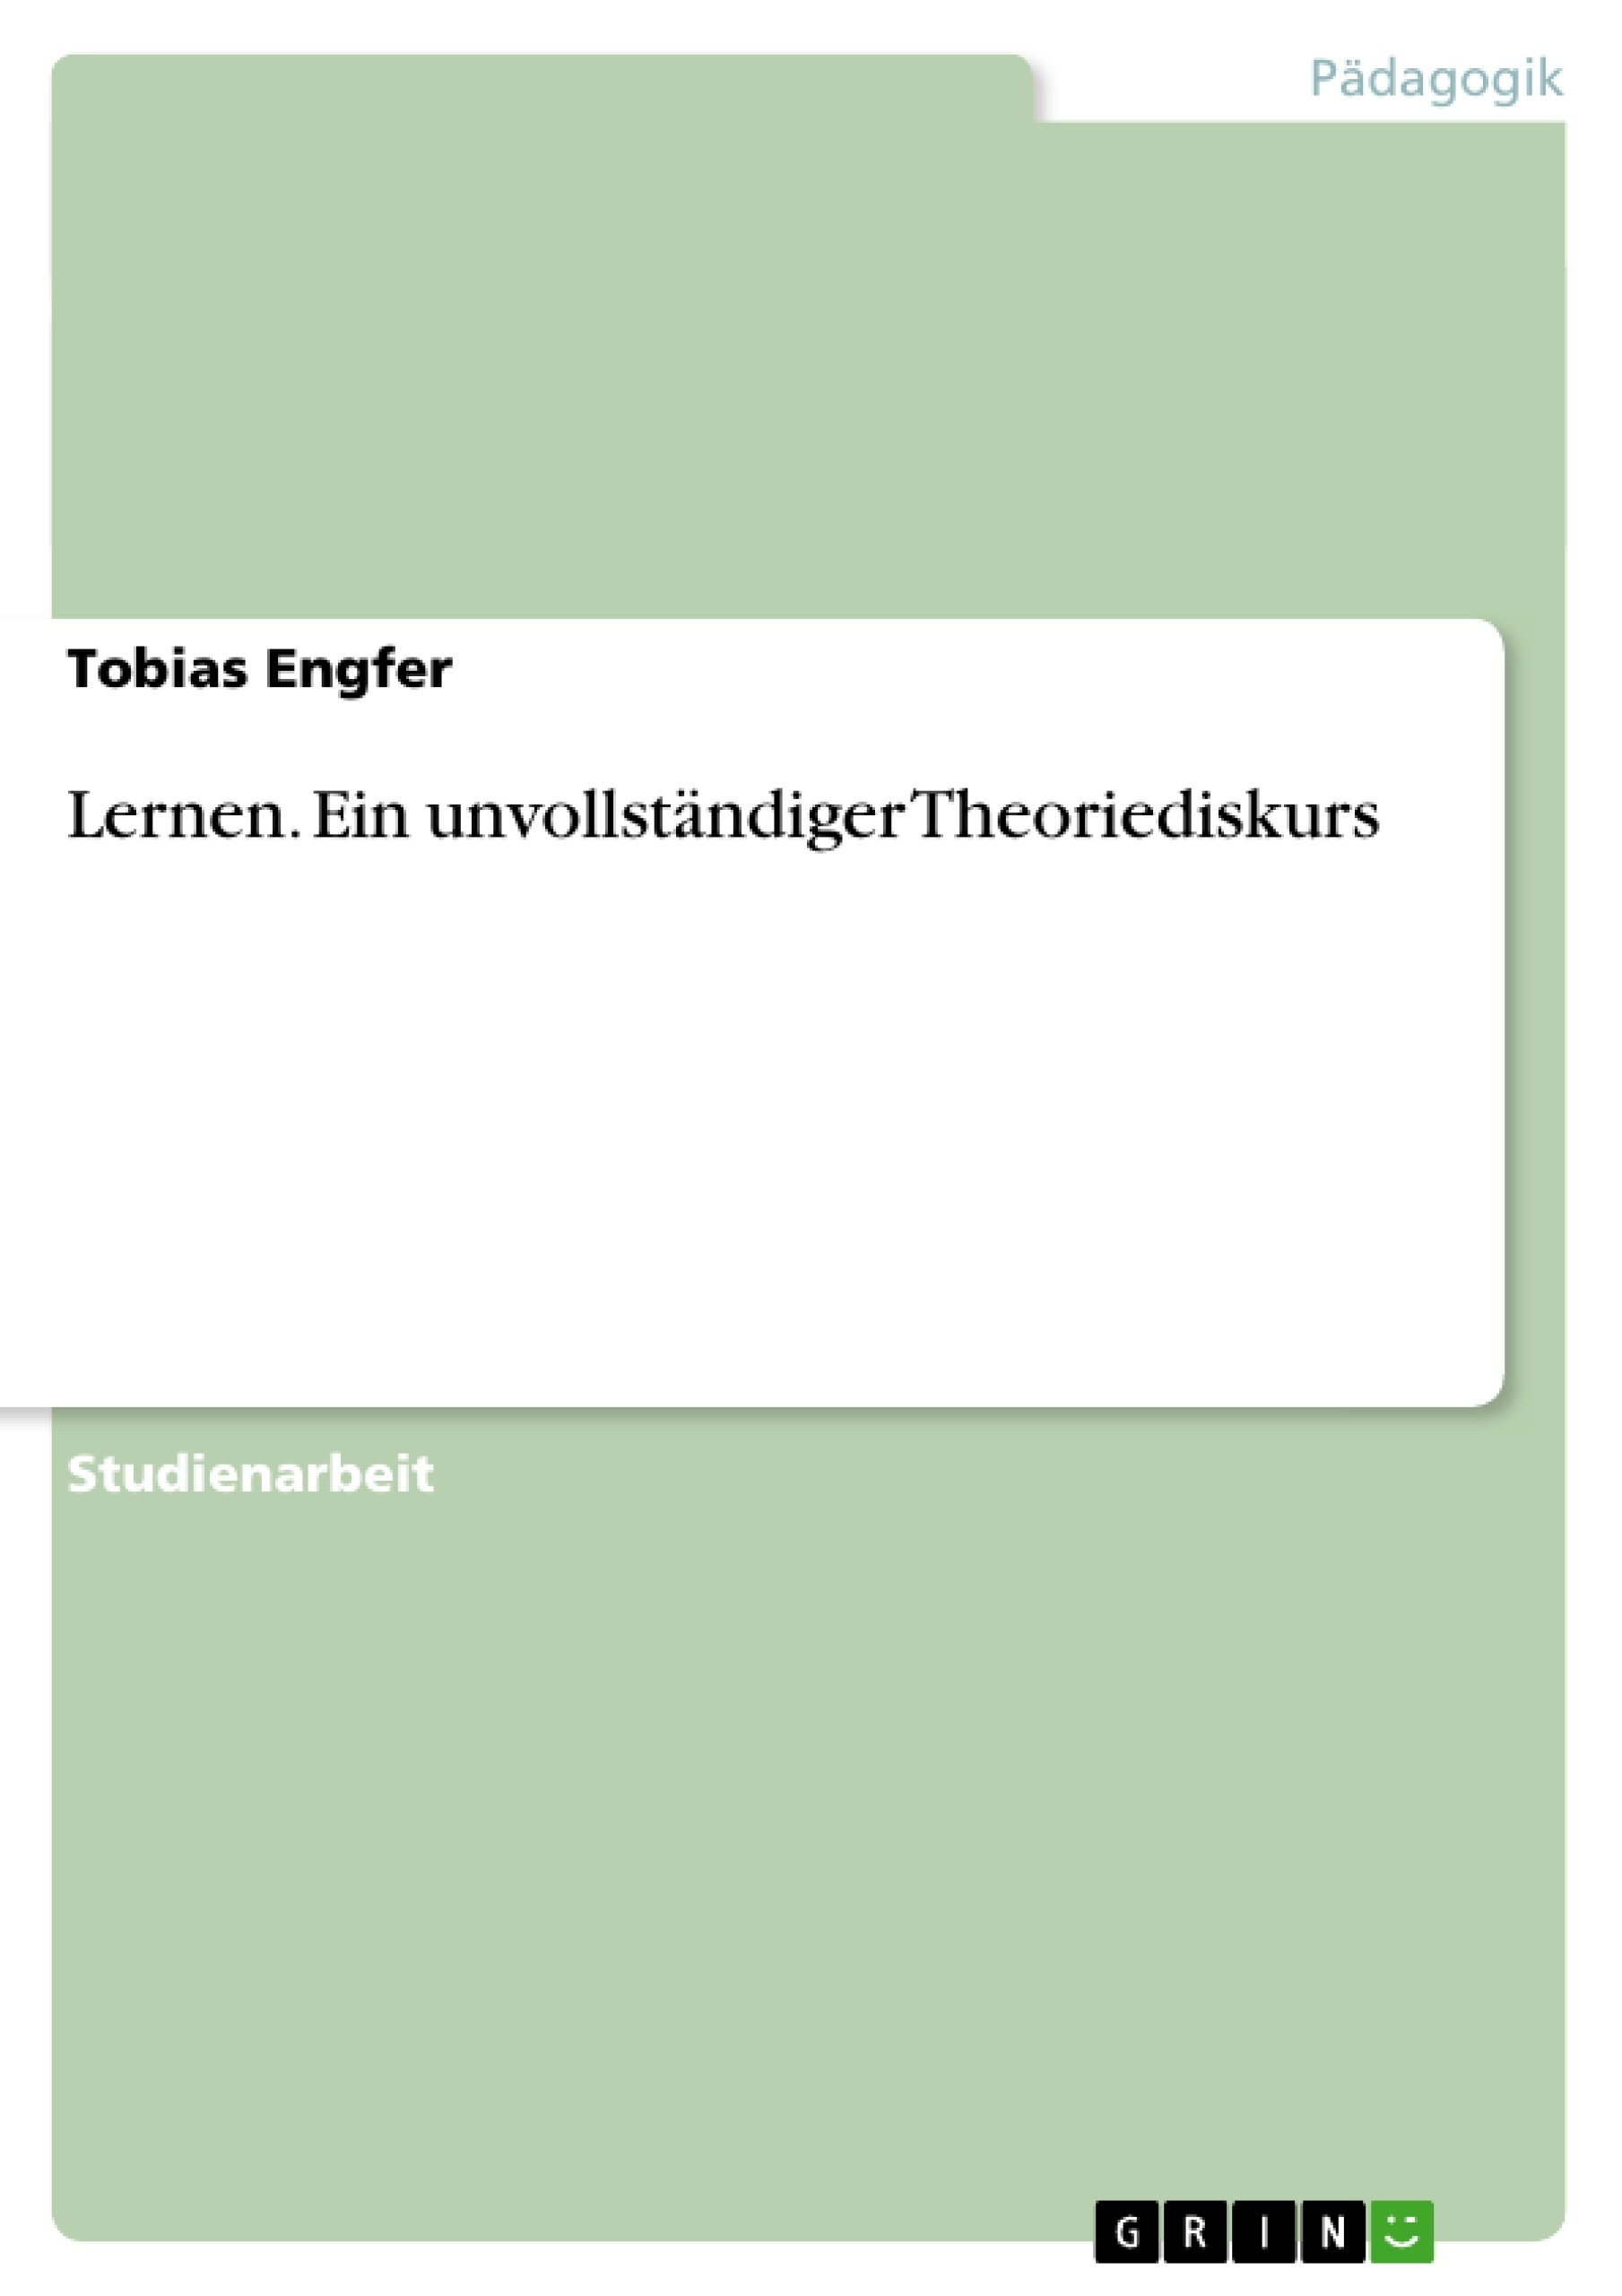 Titel: Lernen. Ein unvollständiger Theoriediskurs